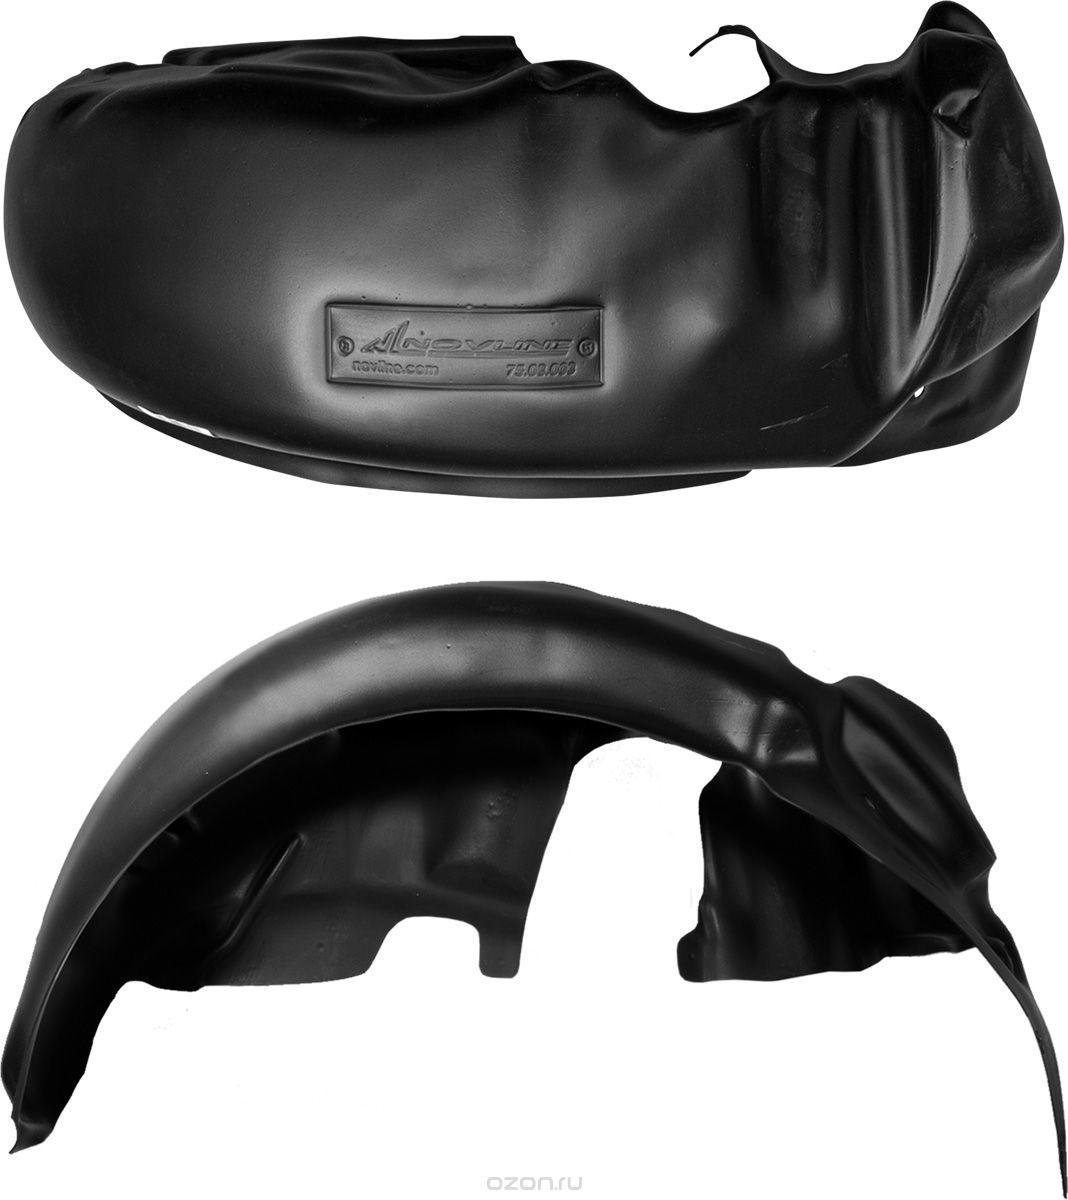 Подкрылок Novline-Autofamily, для TAGAZ VORTEX Tingo, 2011-2014 крос.(передний правыйNLL.77.06.002Идеальная защита колесной ниши. Локеры разработаны с применением цифровых технологий, гарантируют максимальную повторяемость поверхности арки. Изделия устанавливаются без нарушения лакокрасочного покрытия автомобиля, каждый подкрылок комплектуется крепежом. Уважаемые клиенты, обращаем ваше внимание, что фотографии на подкрылки универсальные и не отражают реальную форму изделия. При этом само изделие идет точно под размер указанного автомобиля.